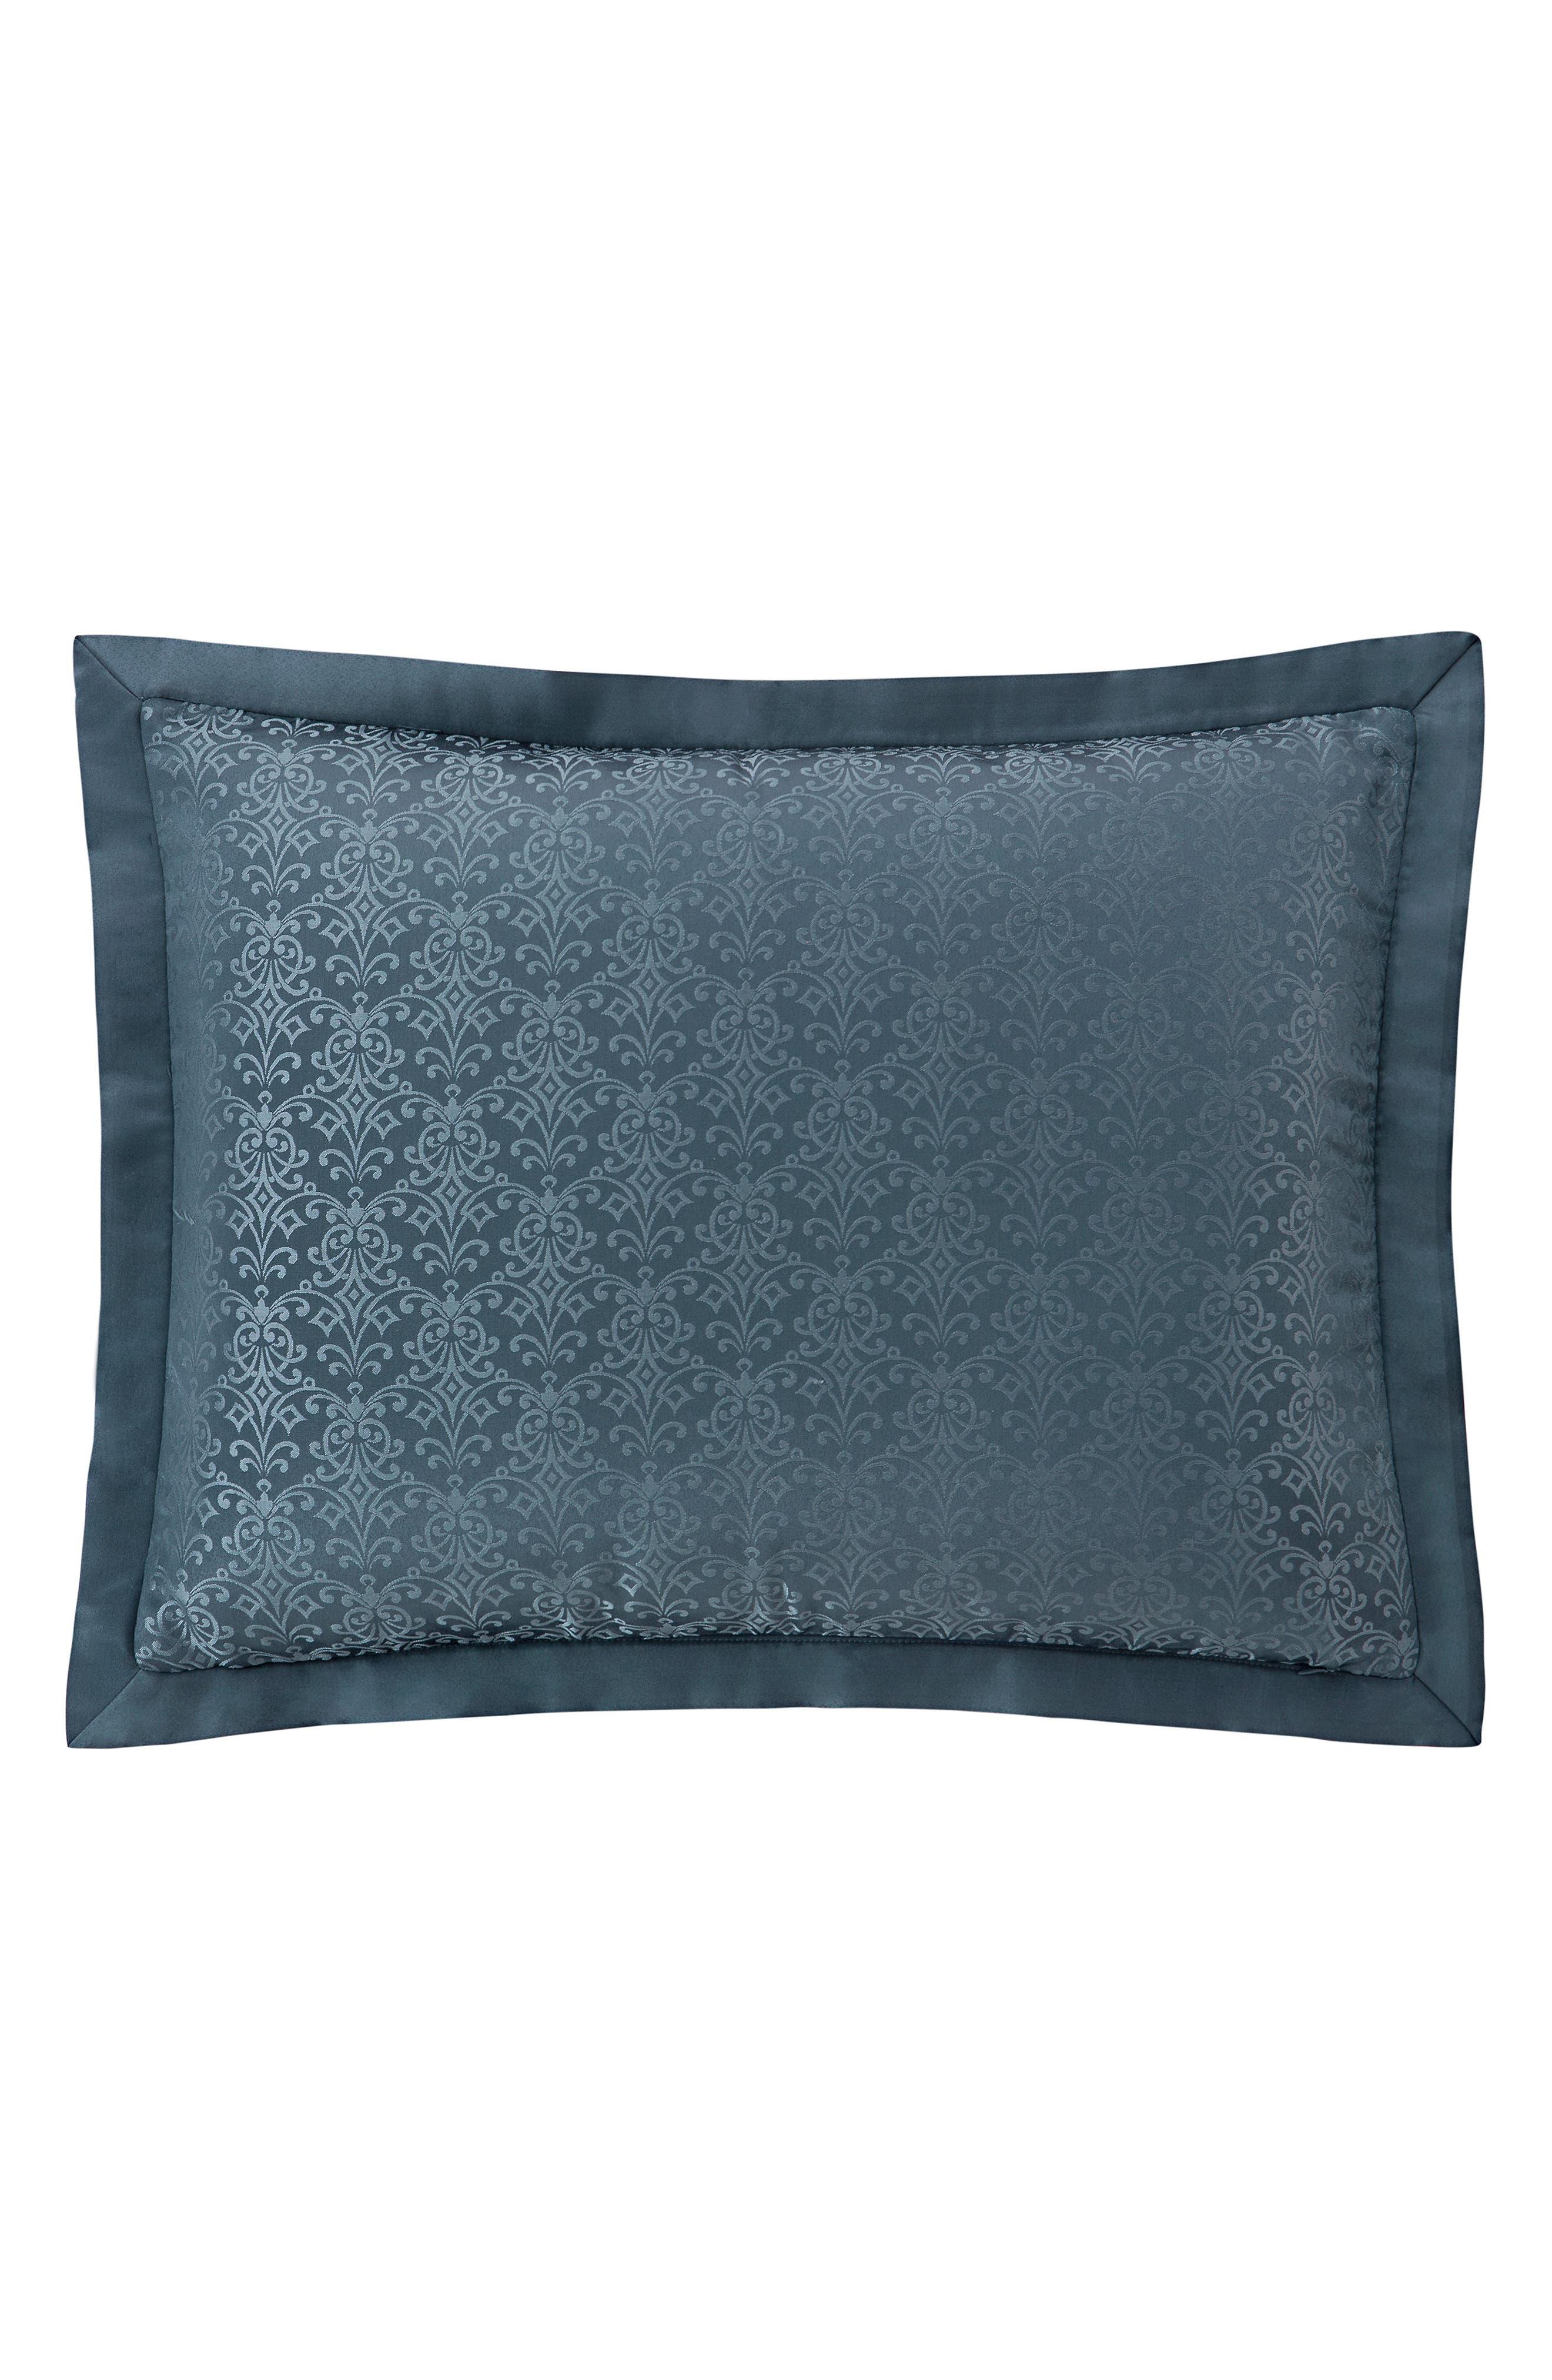 Everett Reversible Comforter, Sham & Bed Skirt Set,                             Alternate thumbnail 6, color,                             TEAL